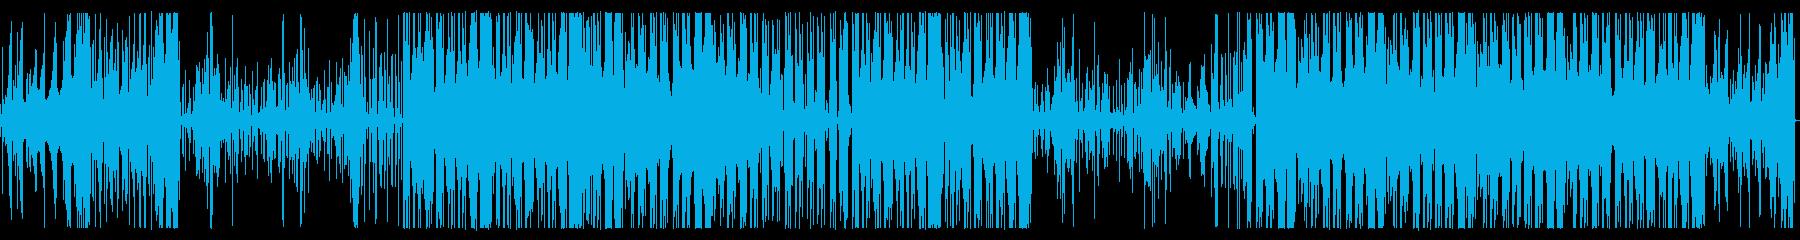 企業VP いやし・チル 17の再生済みの波形